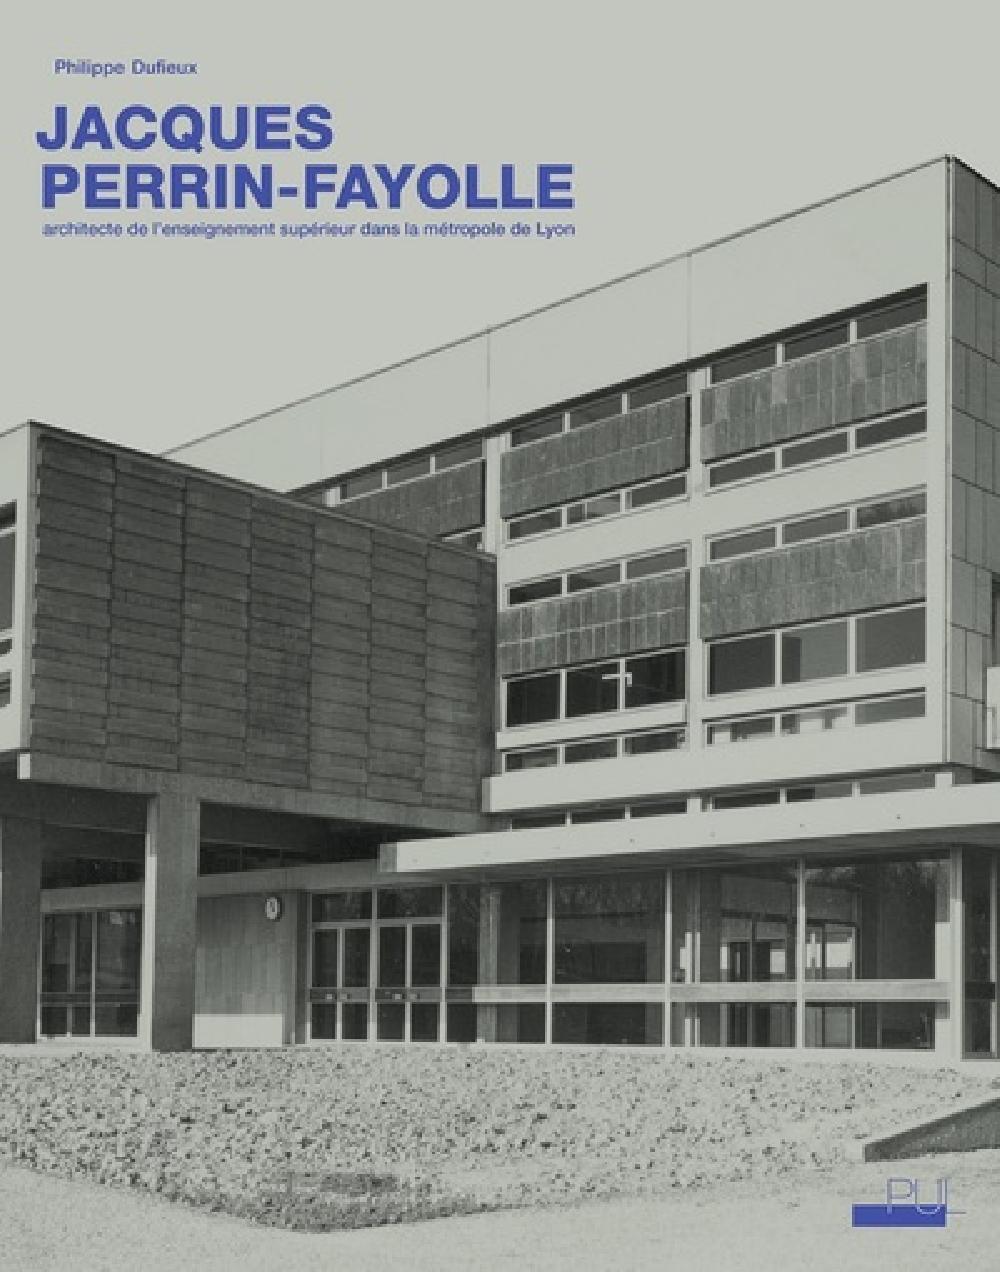 Jacques Perrin-Fayolle, architecte de l'enseignement supérieur dans la métropole de Lyon